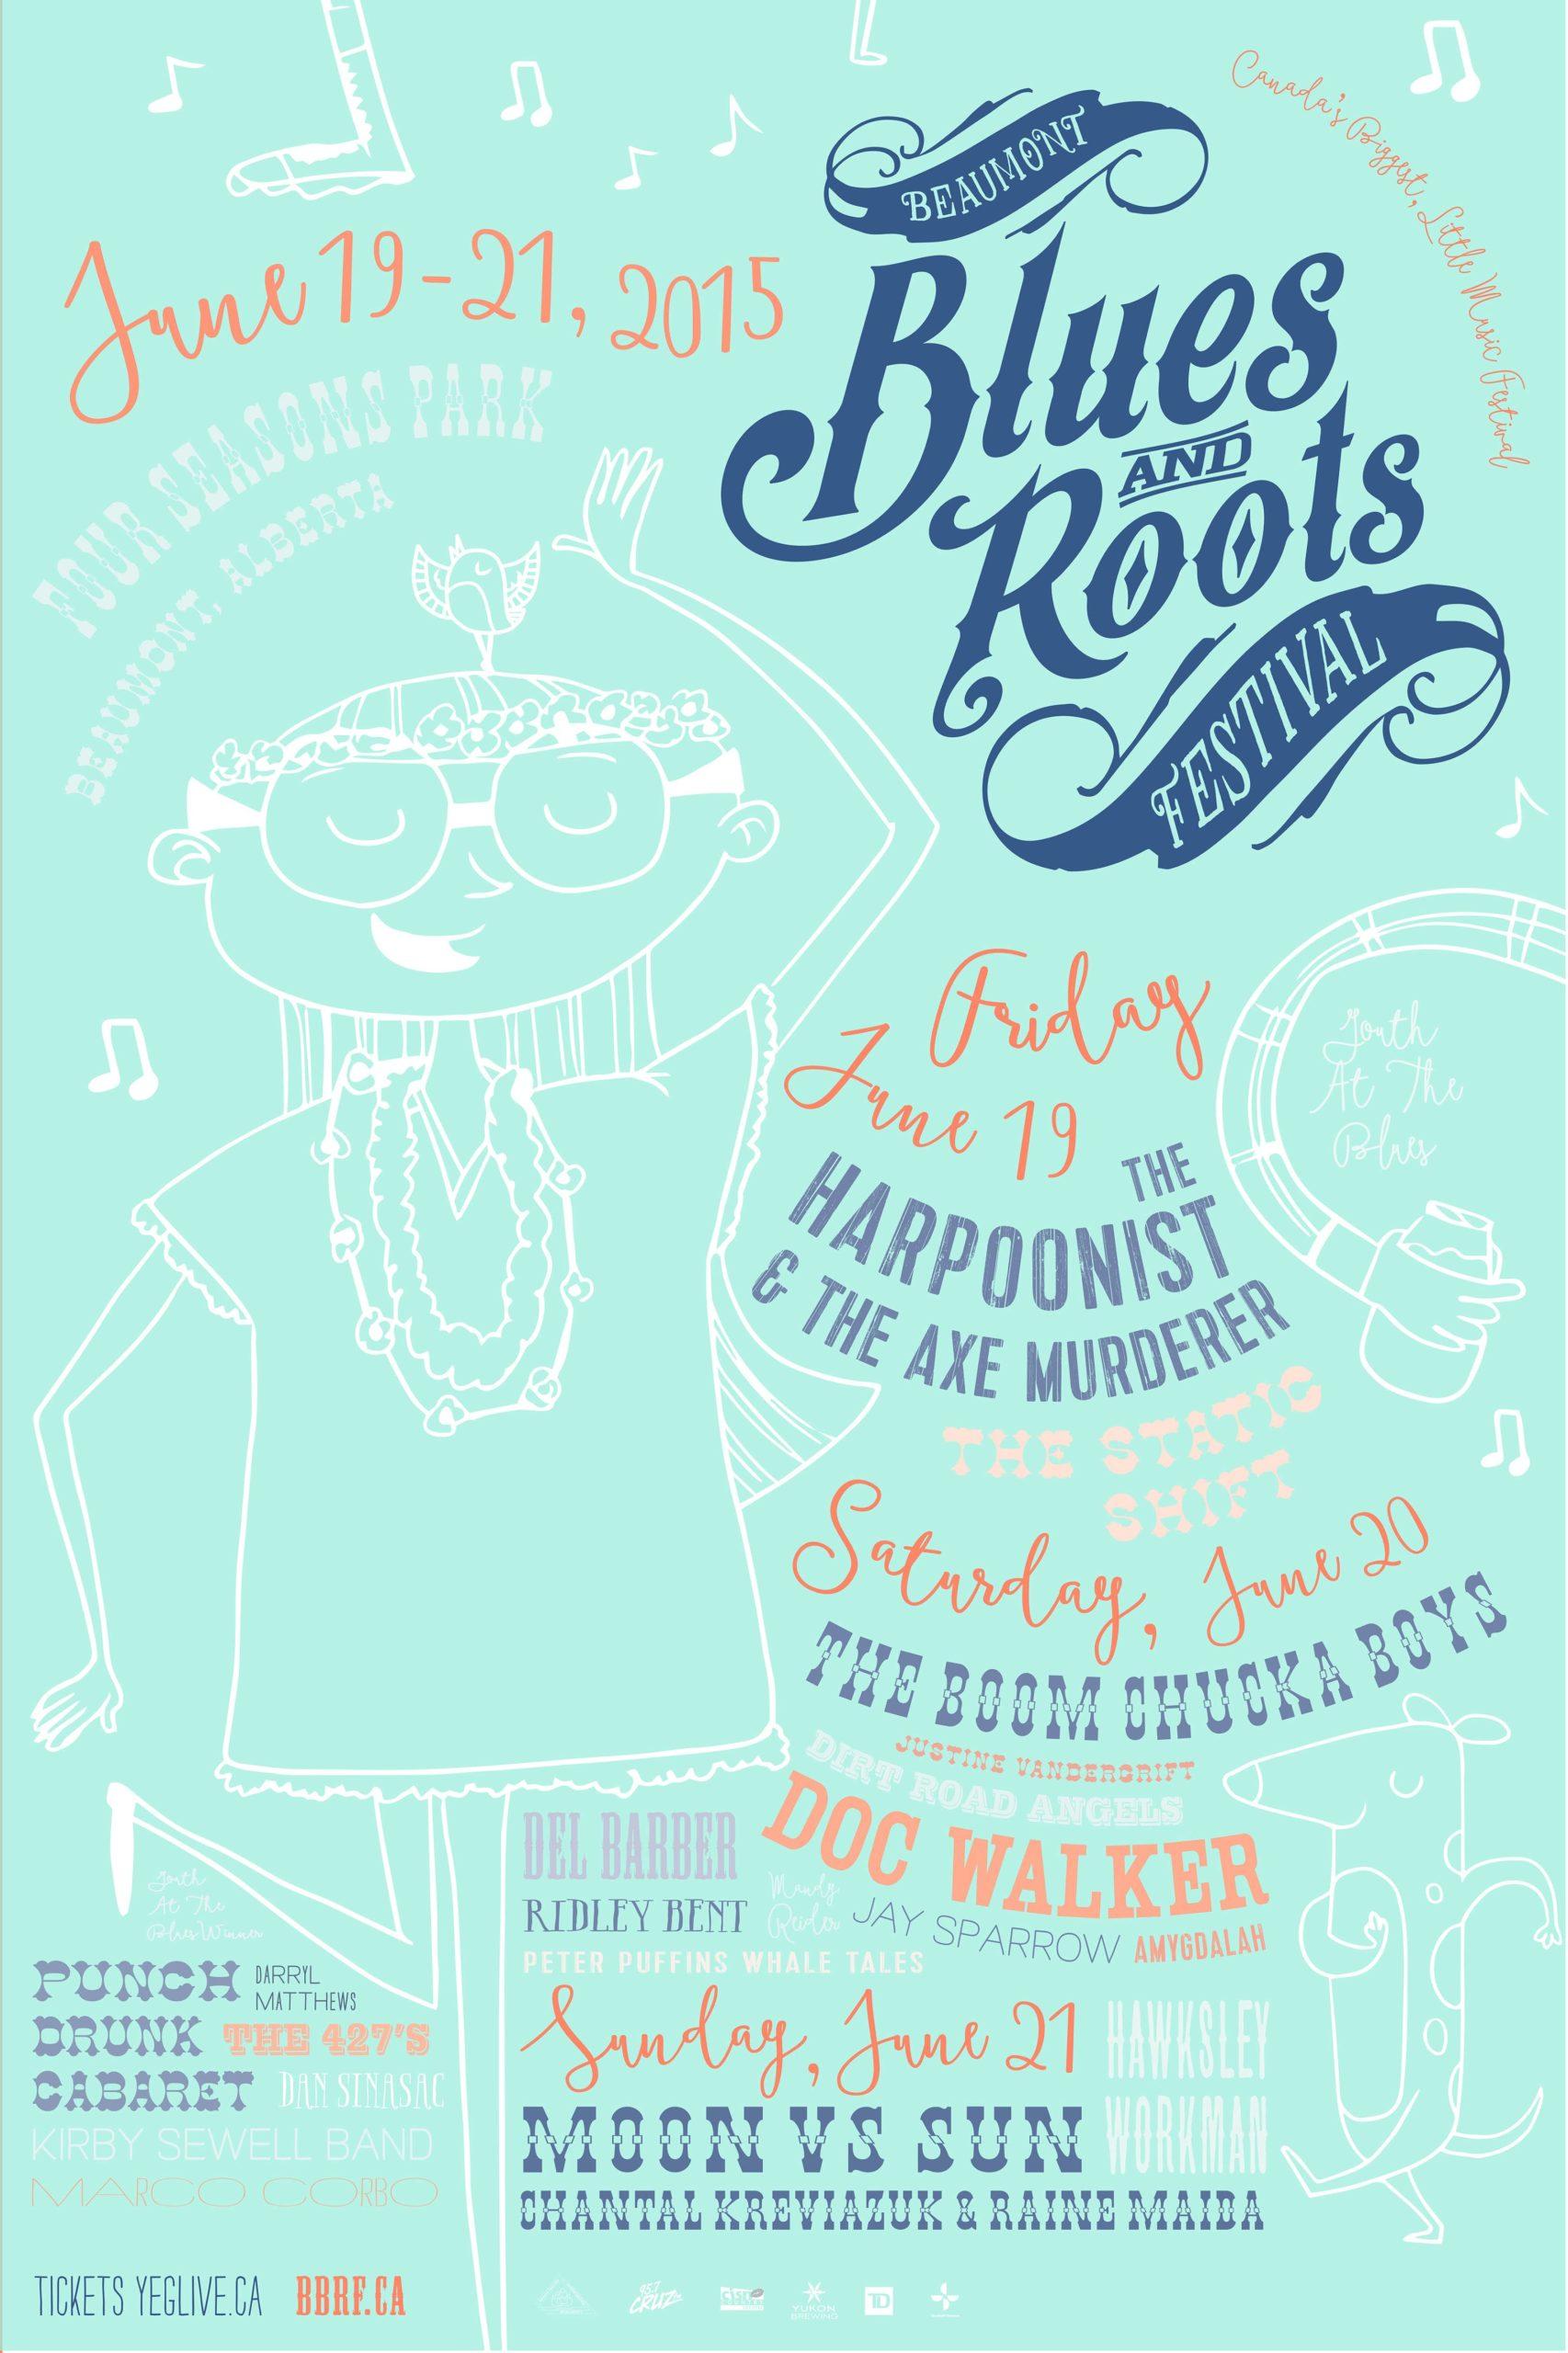 The Beaumont Blues & Roots Festival poster 2015 Aqua